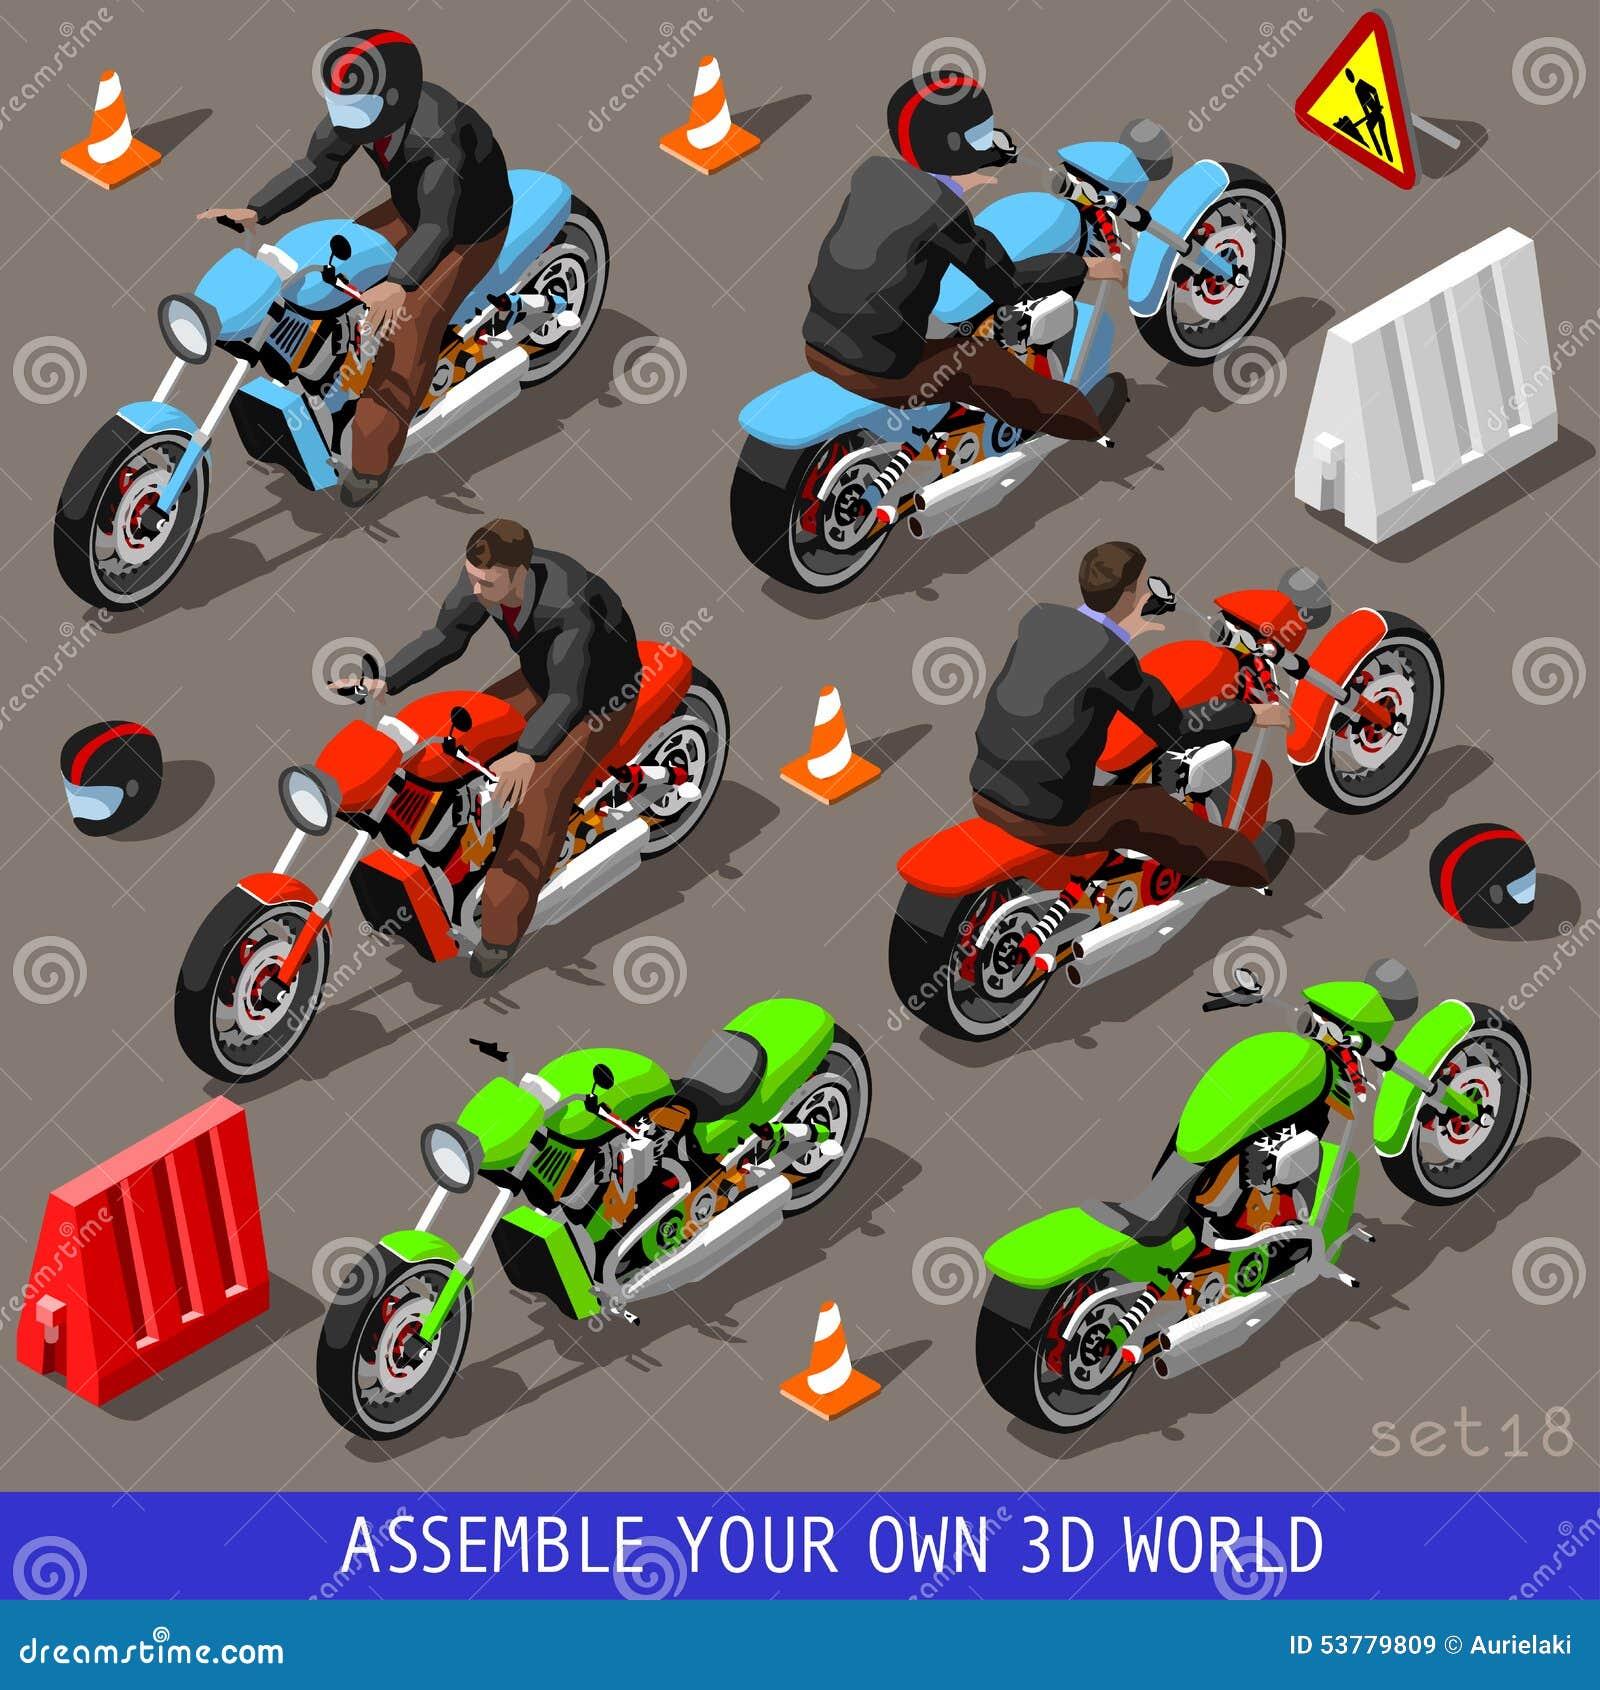 Isometric Flat 3d Vehicle Bikers Set